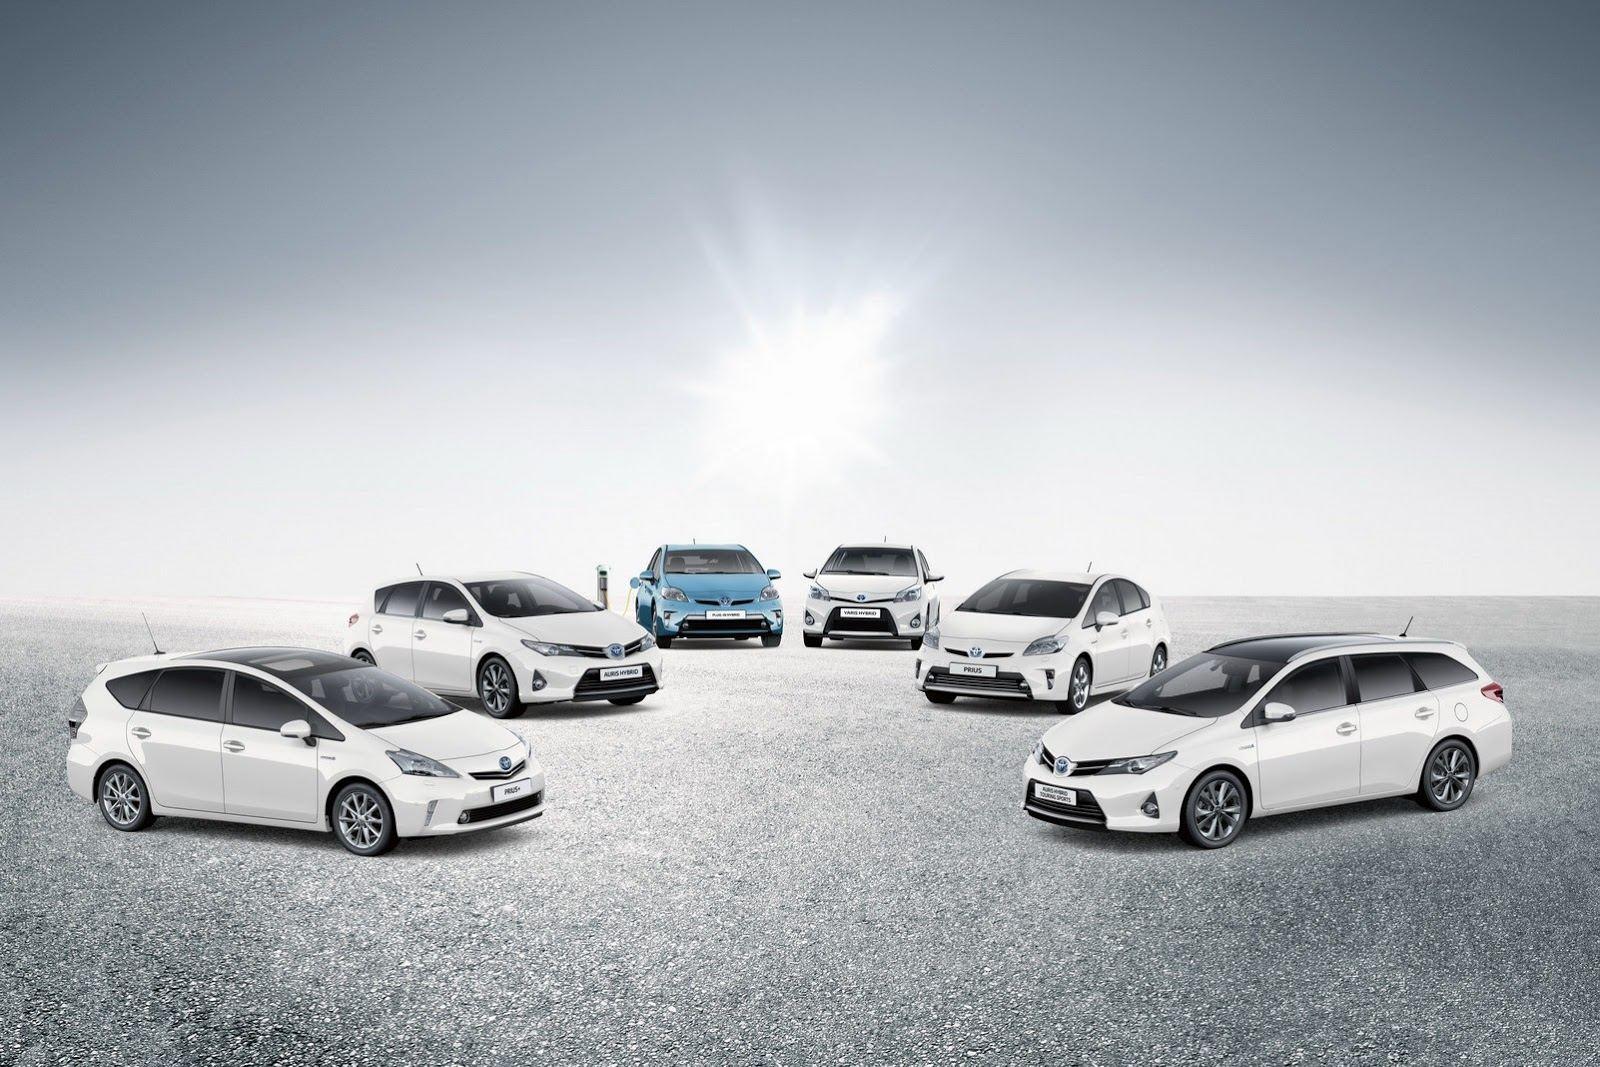 Toyota Wallpapers W8P3S93   4USkY 1600x1067